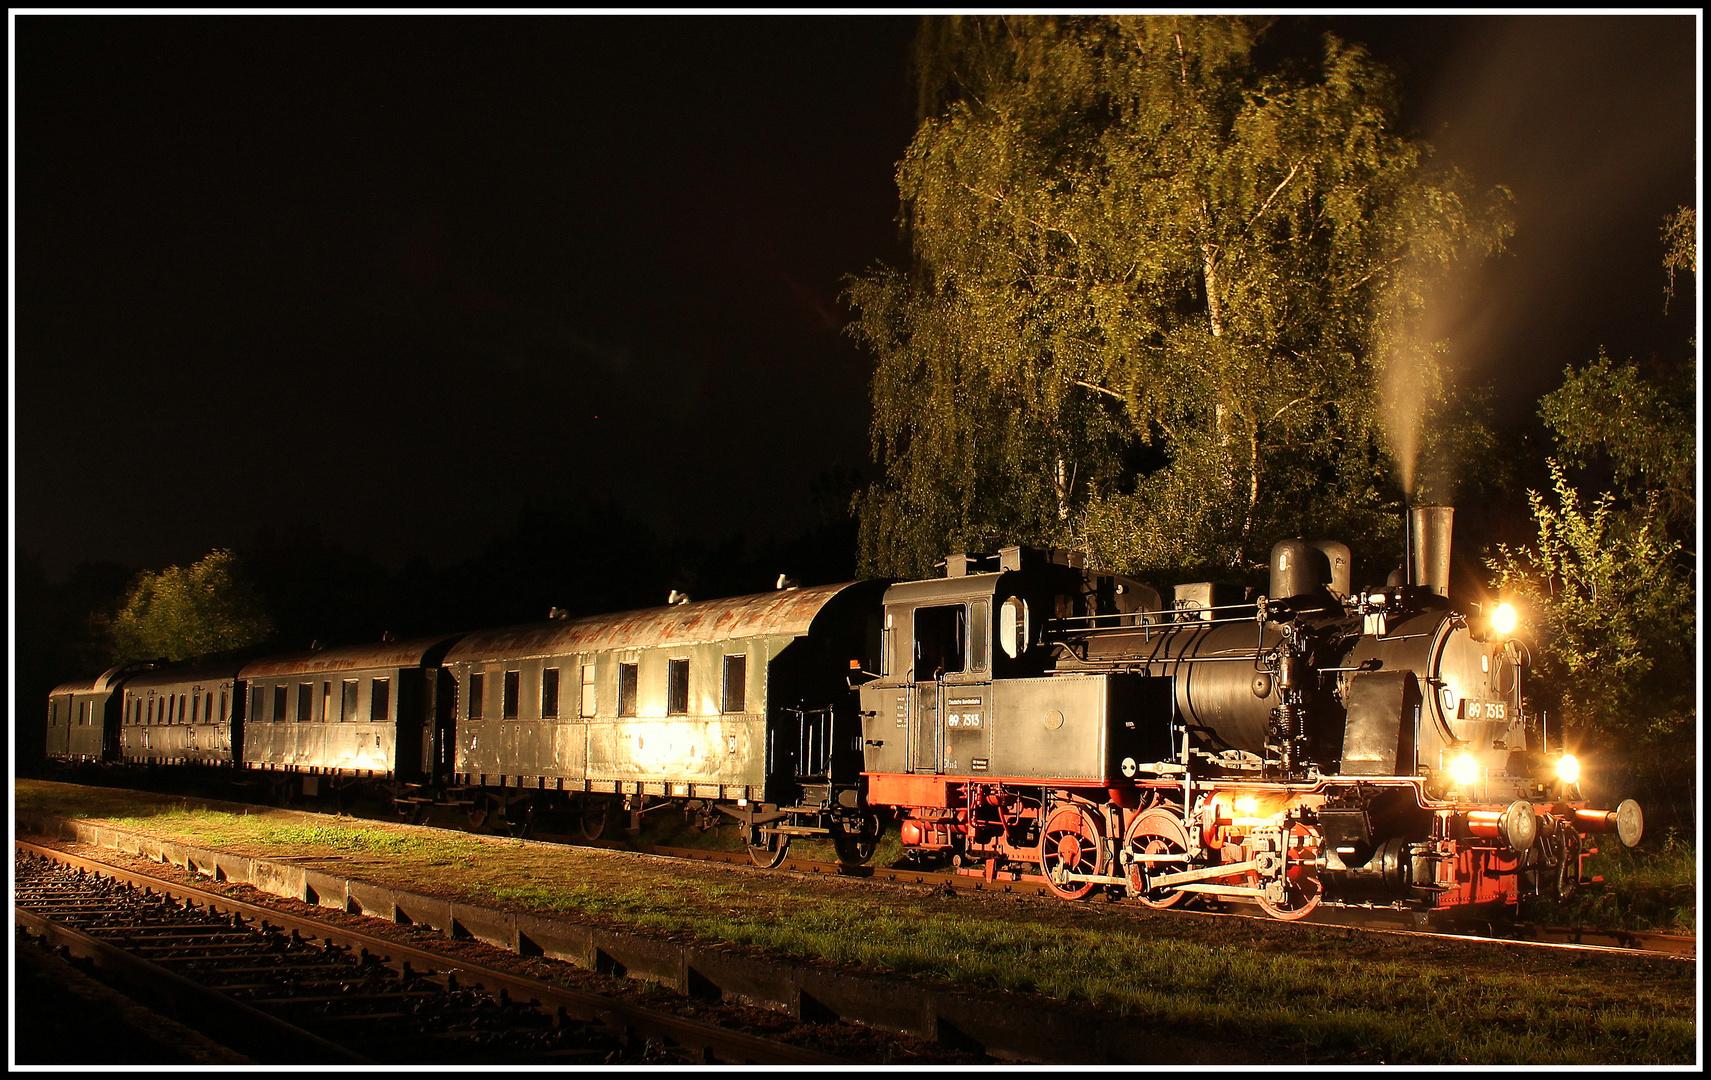 89 7513 und der historische Reichsbahnzug von 1928